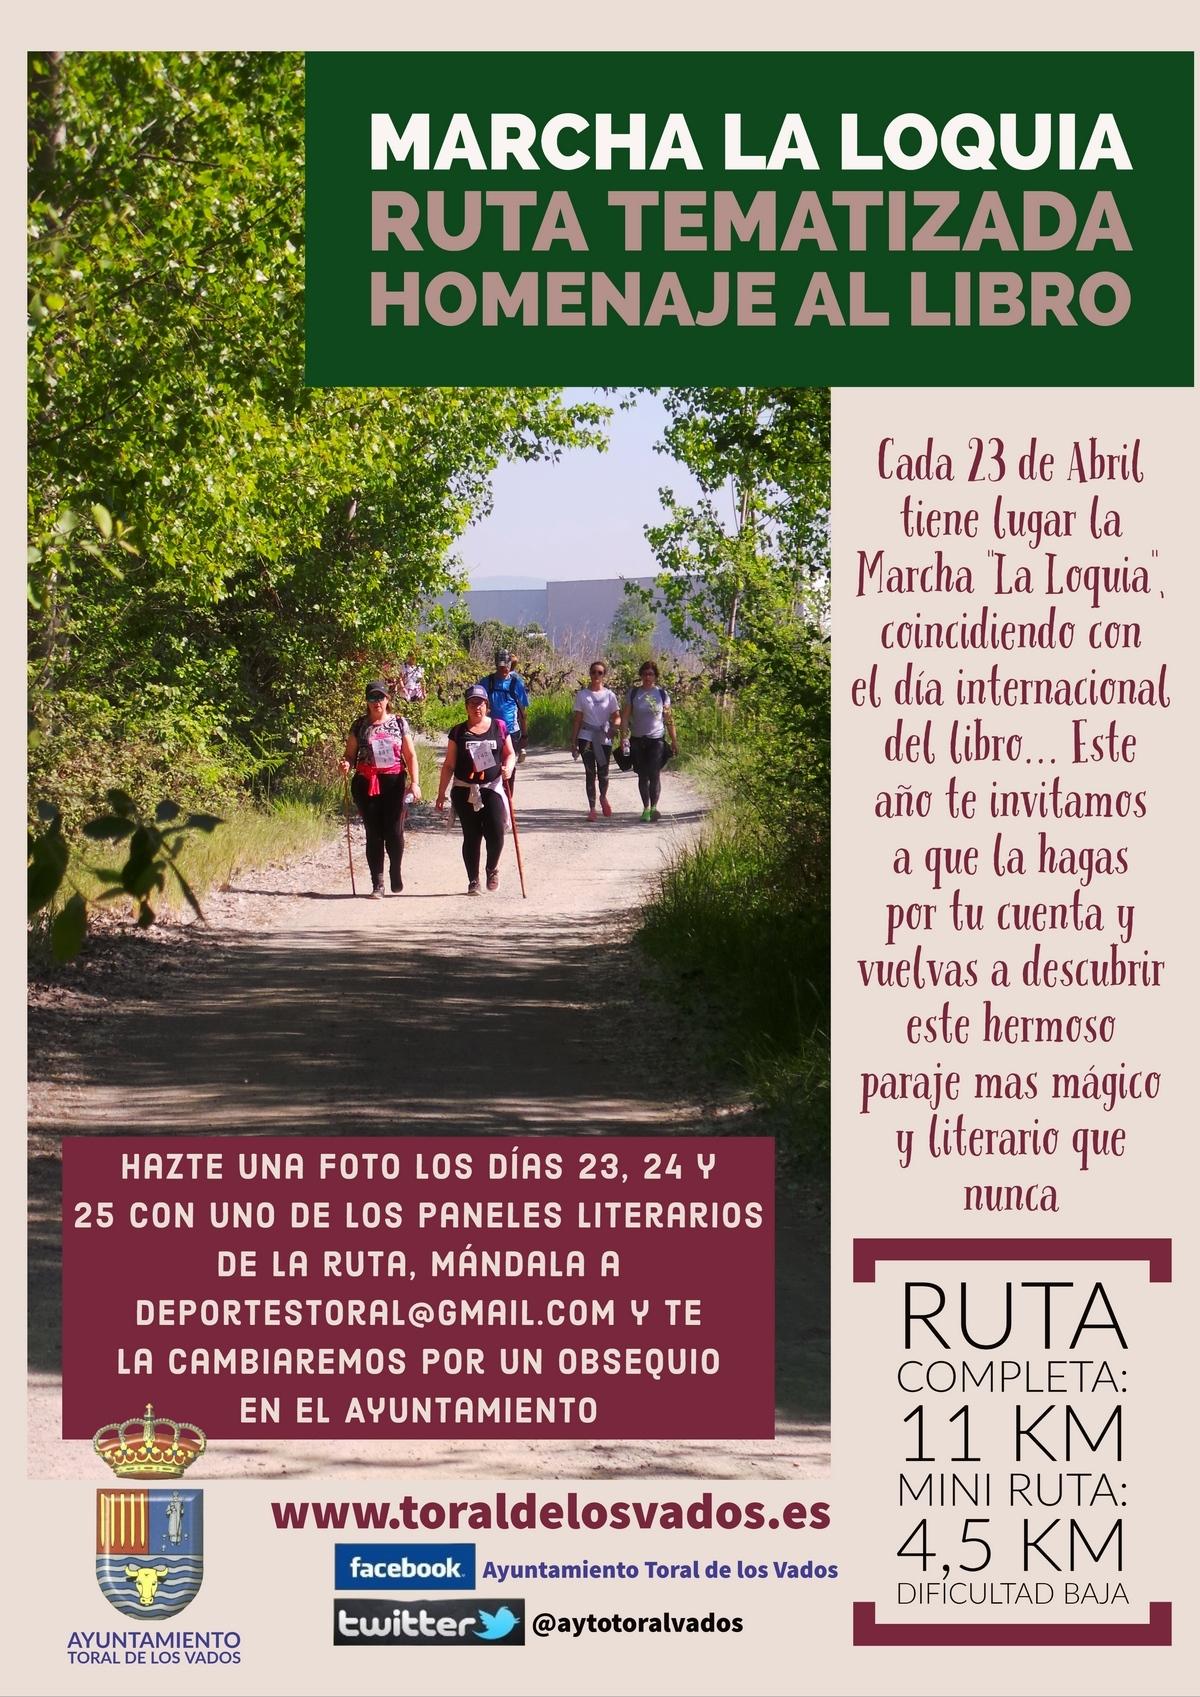 Toral de los Vados propone durante este fin de semana una 'Marcha La Loquia' sin aglomeraciones y que homenajea al libro 2